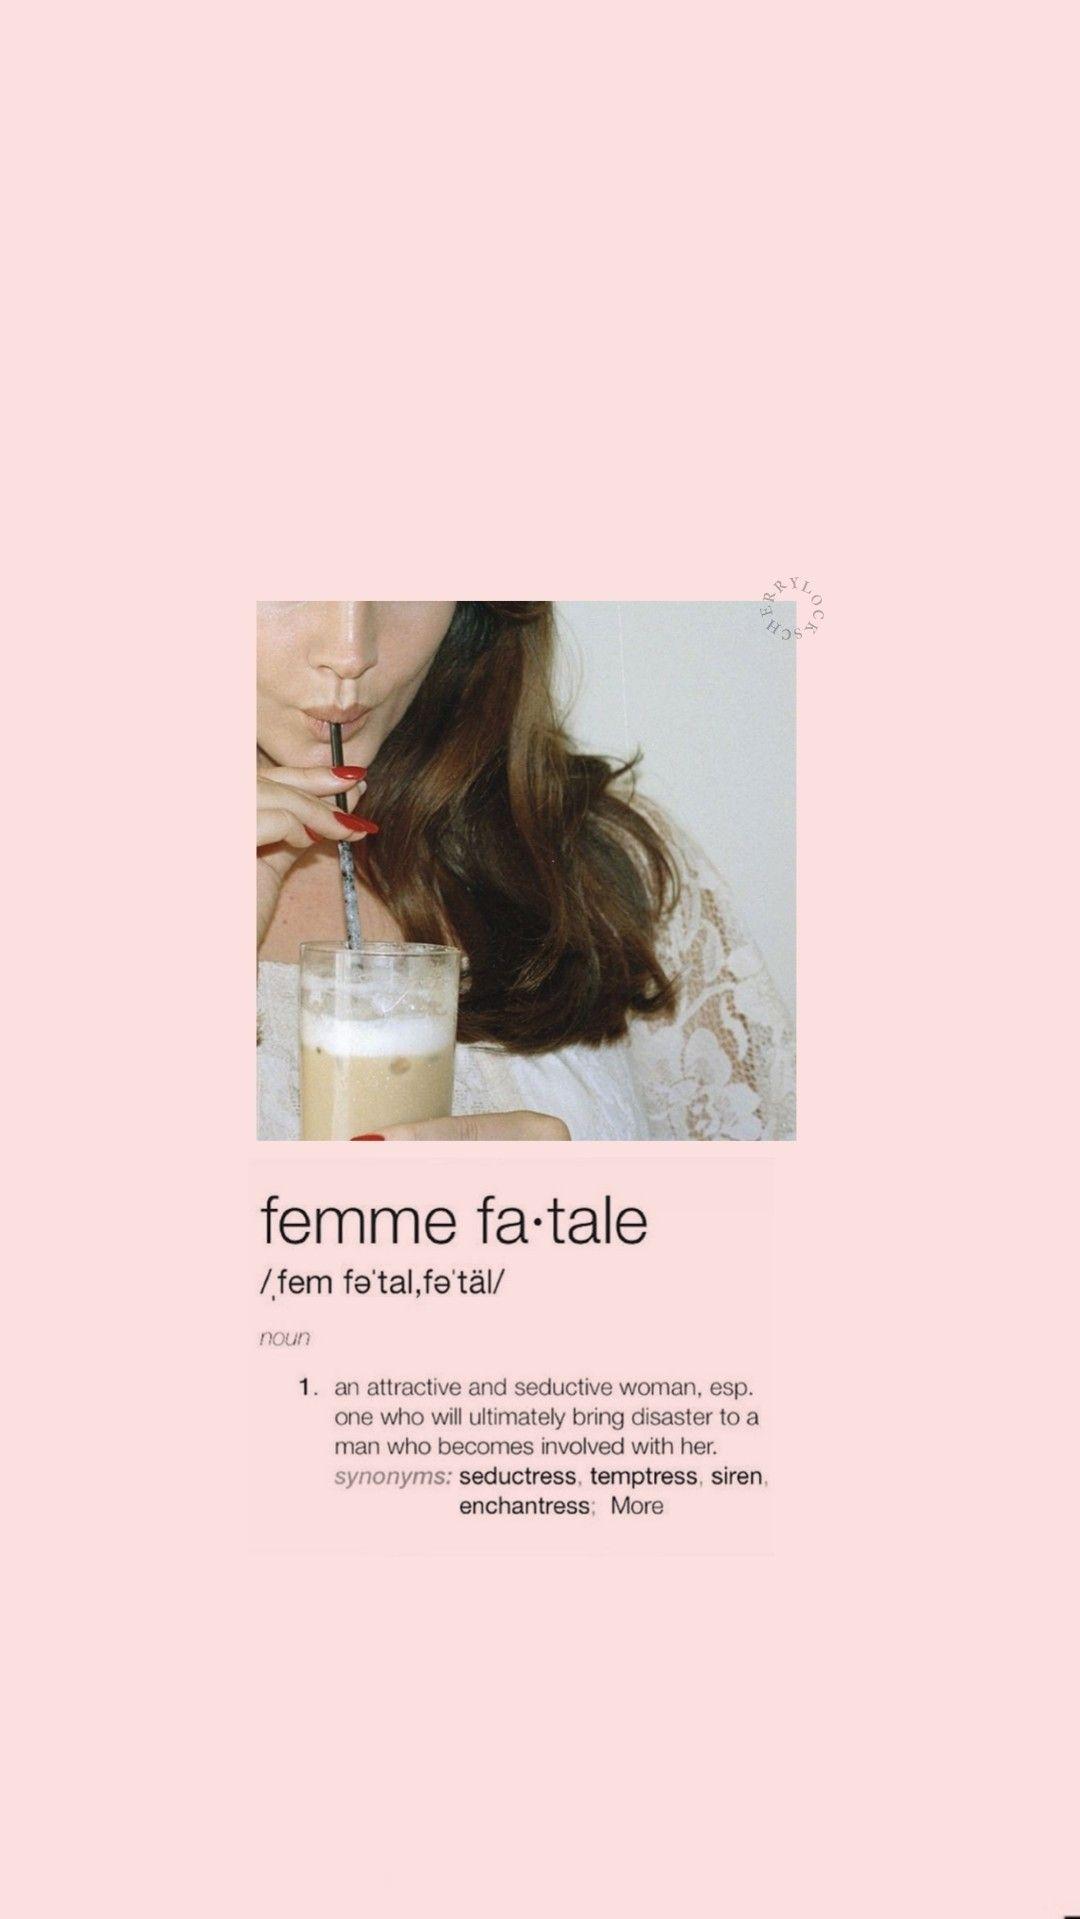 Lockscreen Pink Lana Del Rey Desain Grafis Latar Belakang Poster Desain Grafis